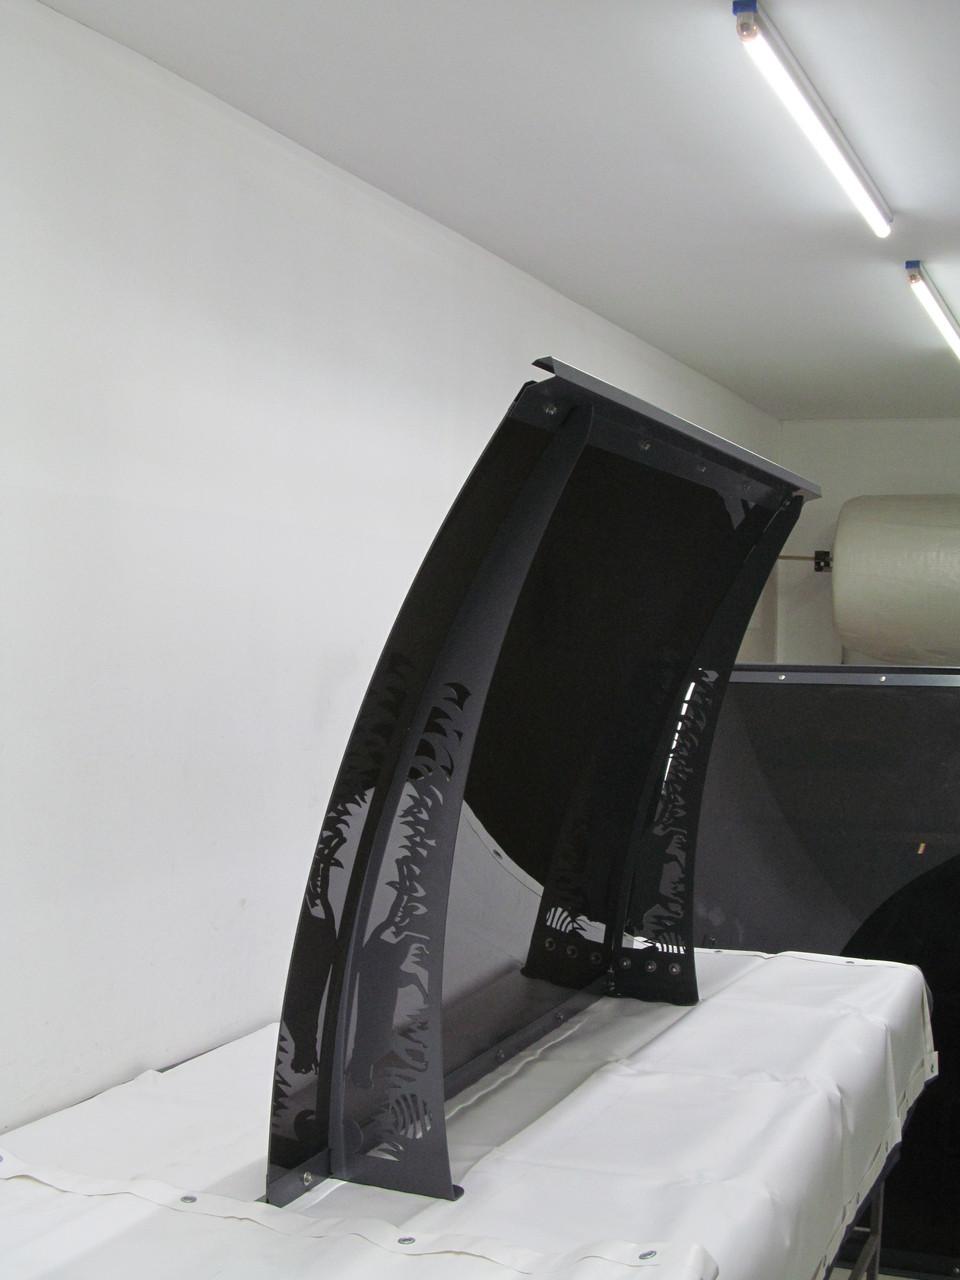 Металевий збірний дашок Dash'Ok Фауна 1,5м*1м з монолітним полікарбонатом 4мм